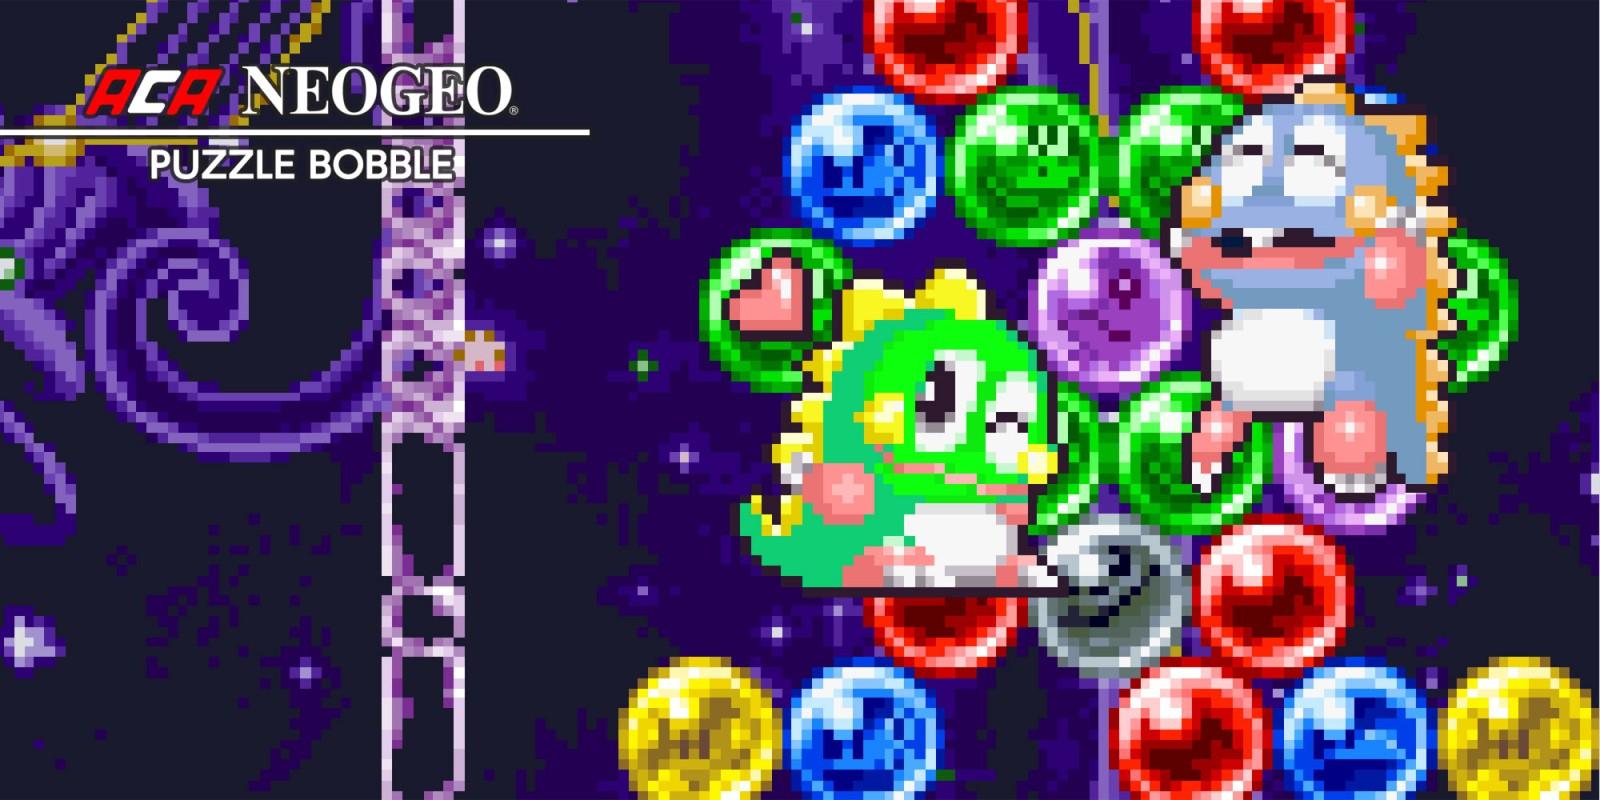 Aca Neogeo Puzzle Bobble | Jeux À Télécharger Sur Nintendo encequiconcerne Puzzle Gratuit A Telecharger Pour Tablette